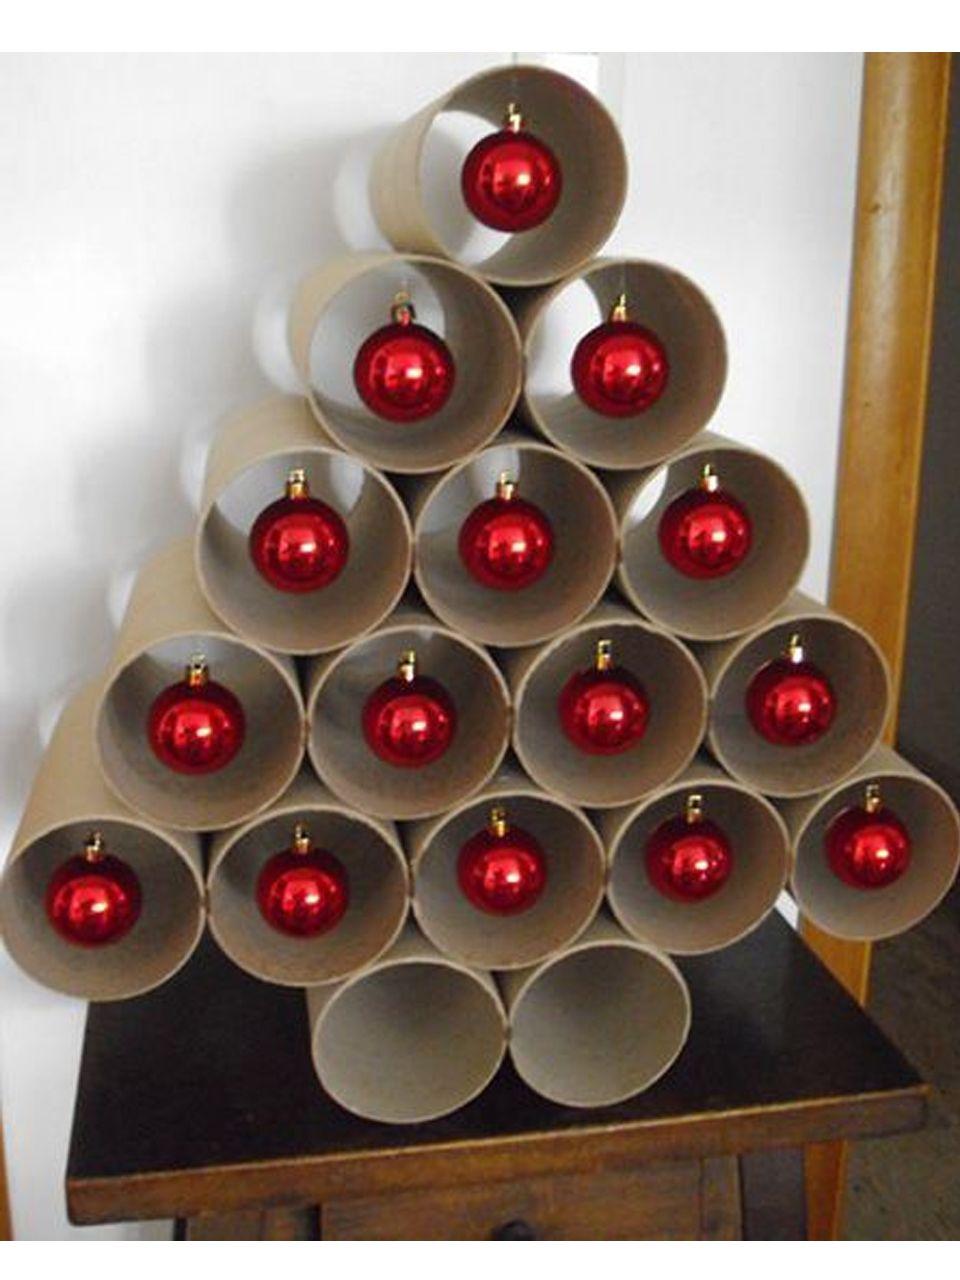 11 Divertidos Ejemplos De Decoracion Navidena Reciclada Ideas - Adornos-de-navidad-reciclados-como-hacerlos